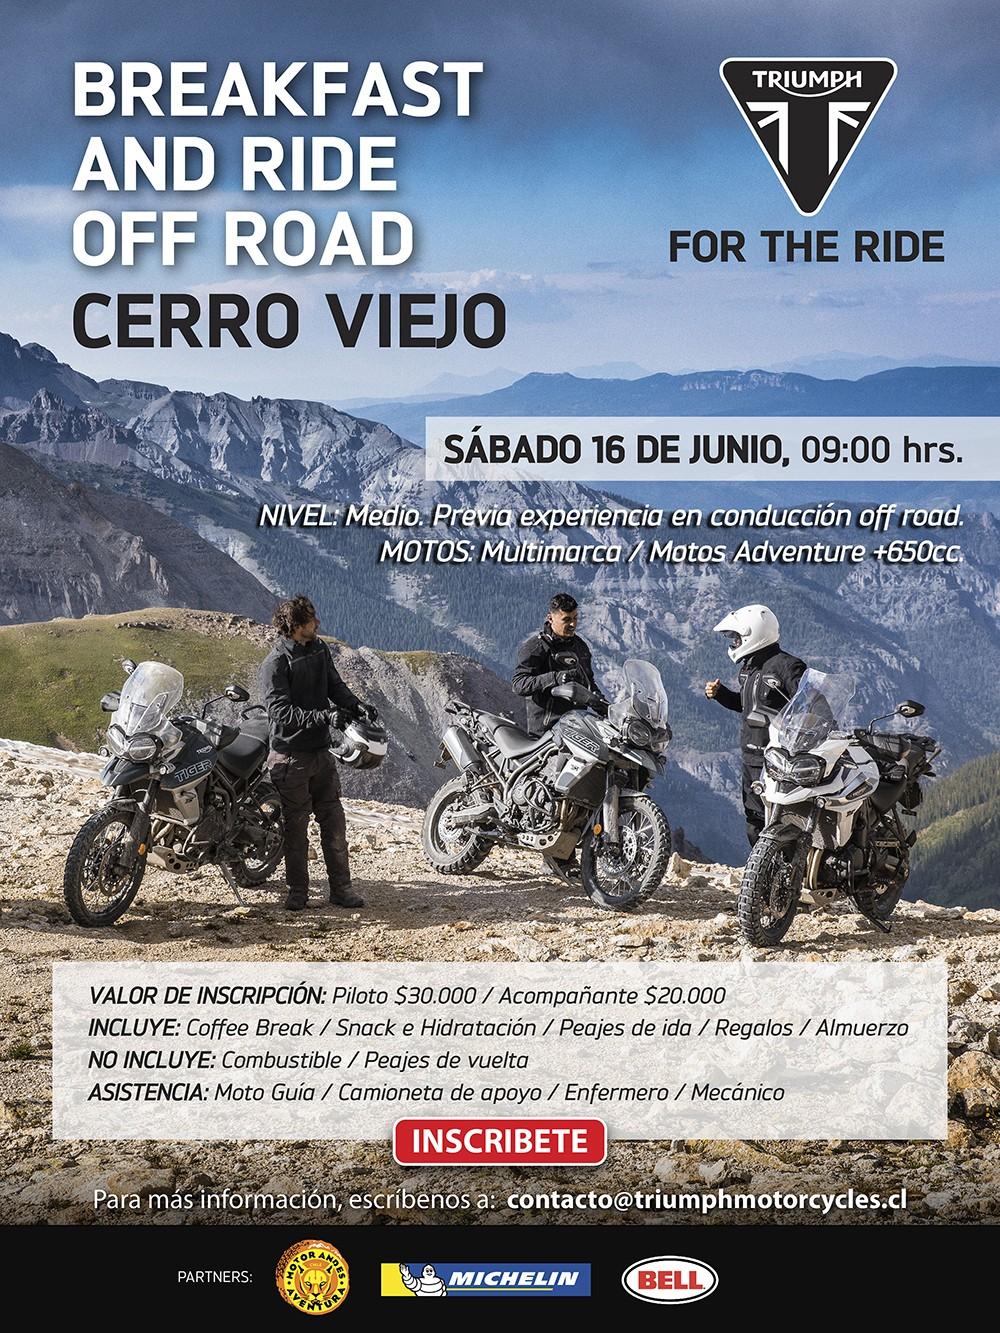 Breakfast and Ride Off Road Cerro Viejo